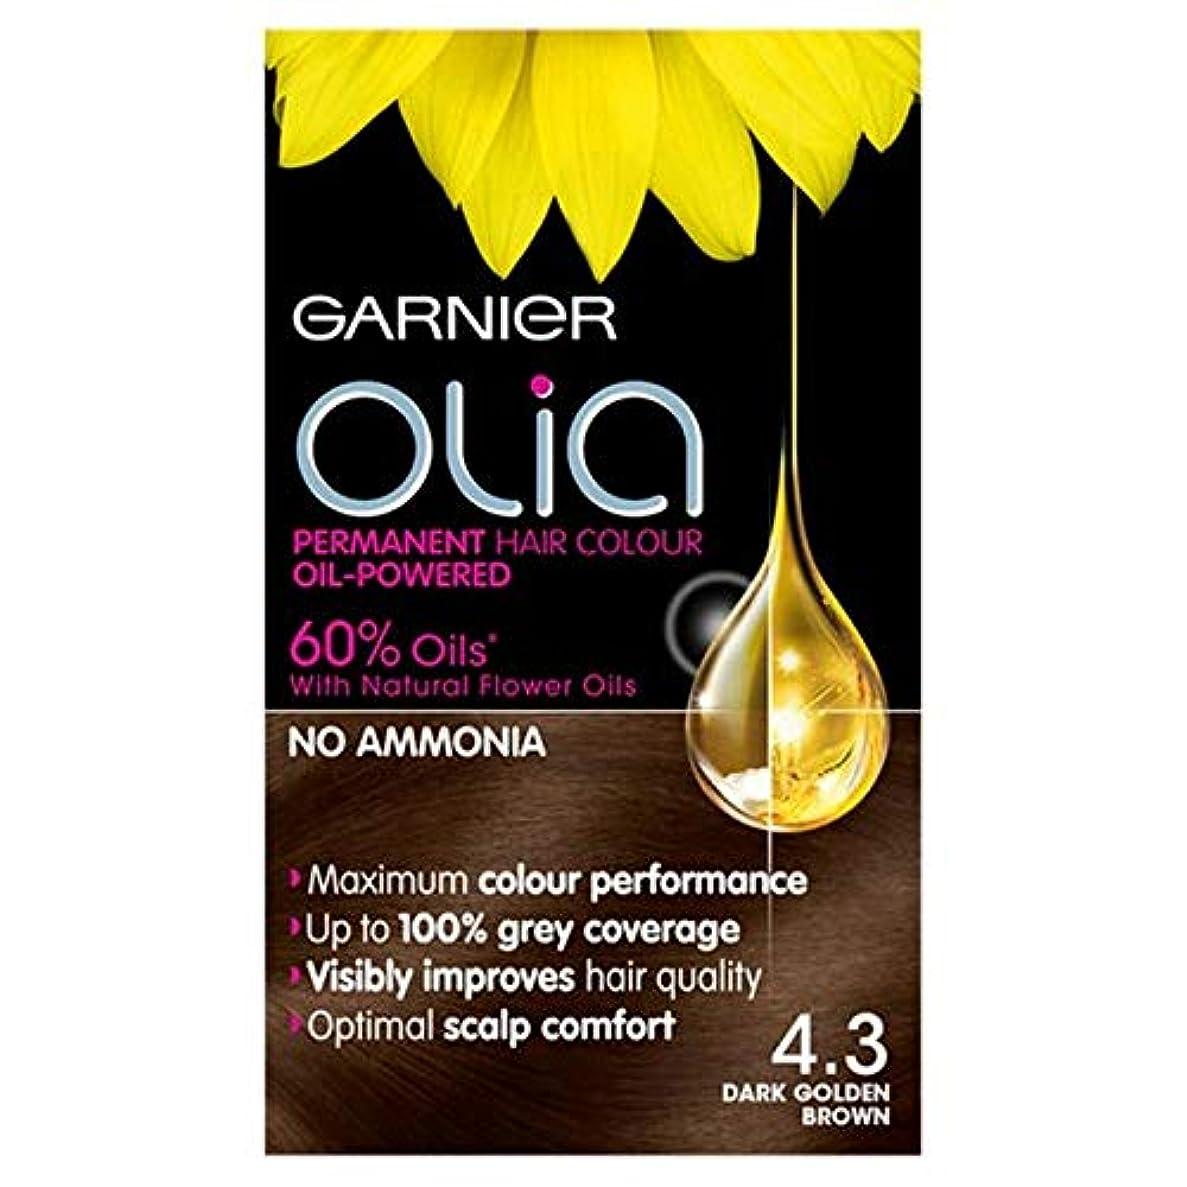 一時停止性格うねる[Garnier] 4.3濃い黄金色に永久染毛剤Oliaガルニエ - Garnier Olia 4.3 Dark Golden Brown Permanent Hair Dye [並行輸入品]